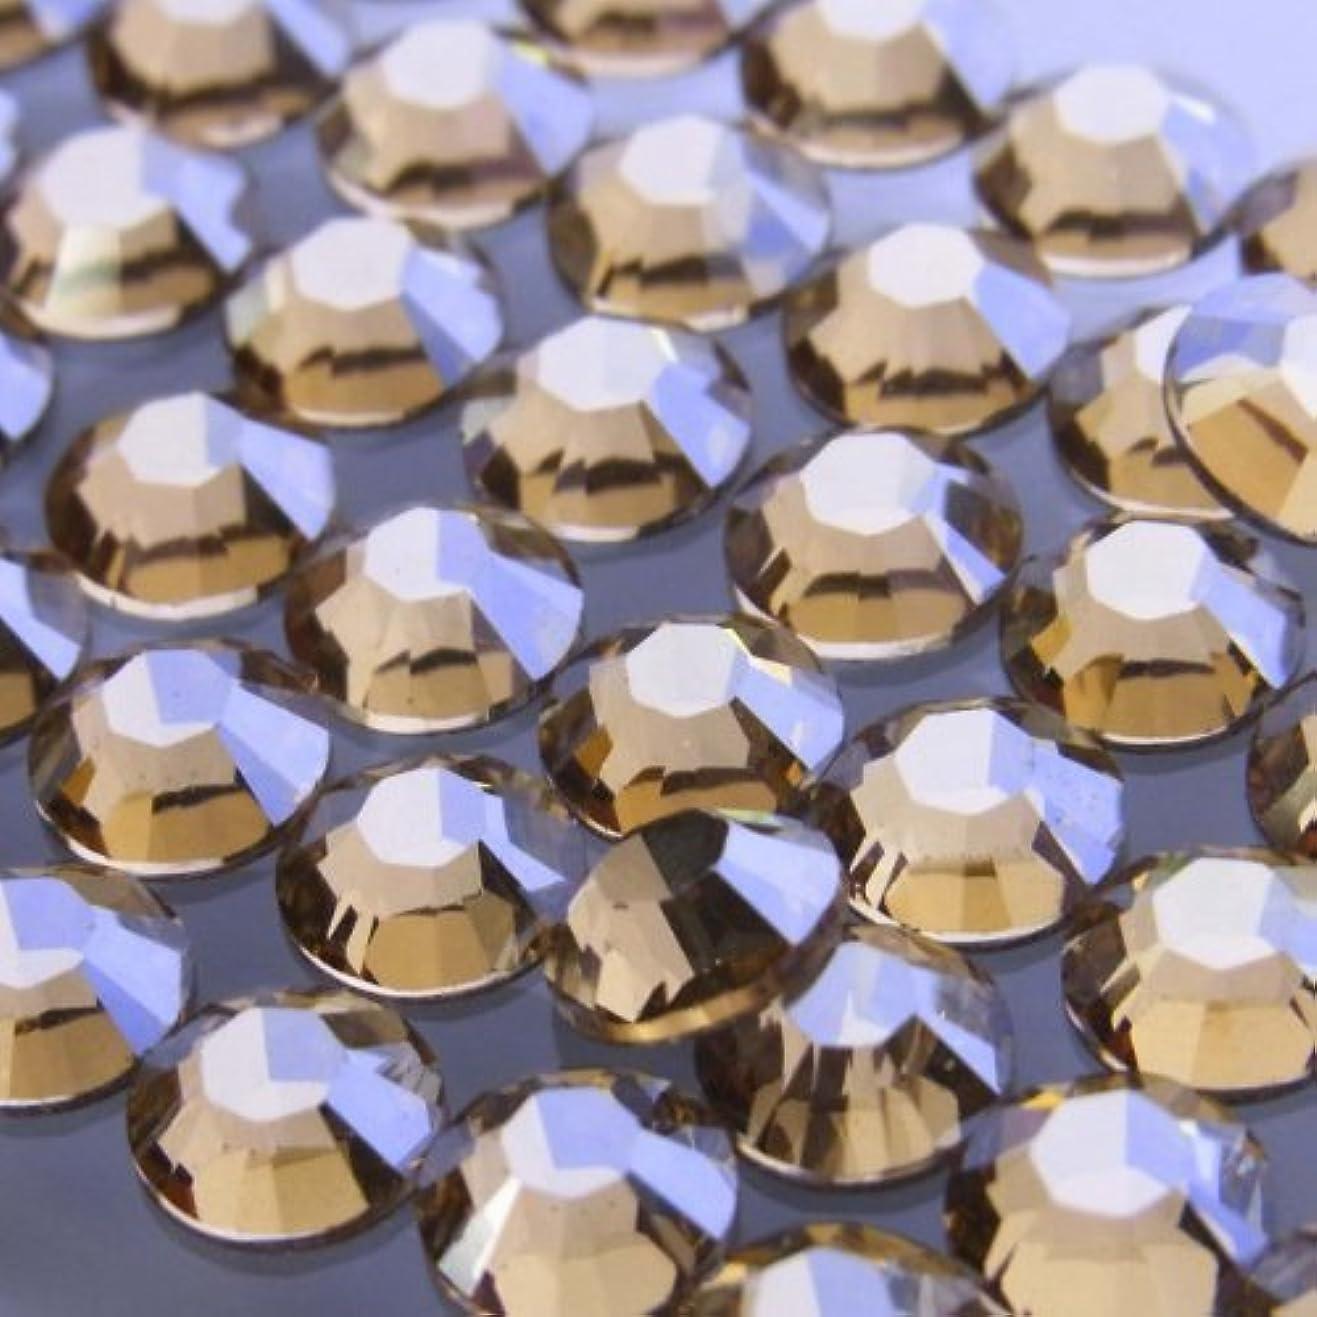 ミニ正しくくさび2058クリスタルゴールデンシャドウss9(100粒入り)スワロフスキーラインストーン(nohotfix)